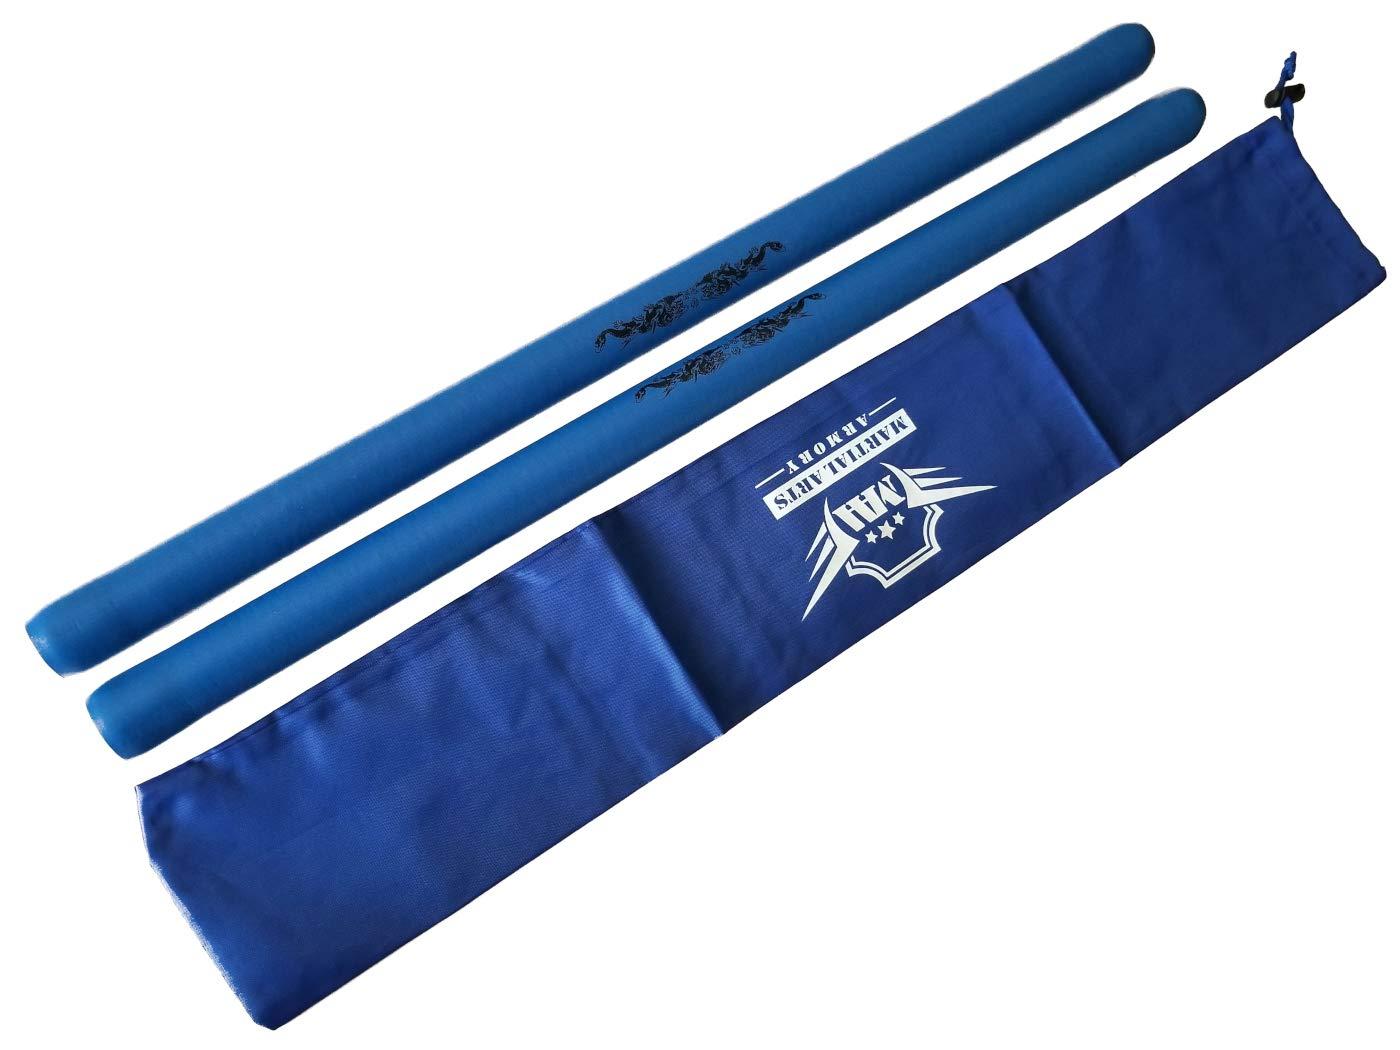 Martial Arts Armory AWMA Foam Escrima Sticks with Free Case Pair